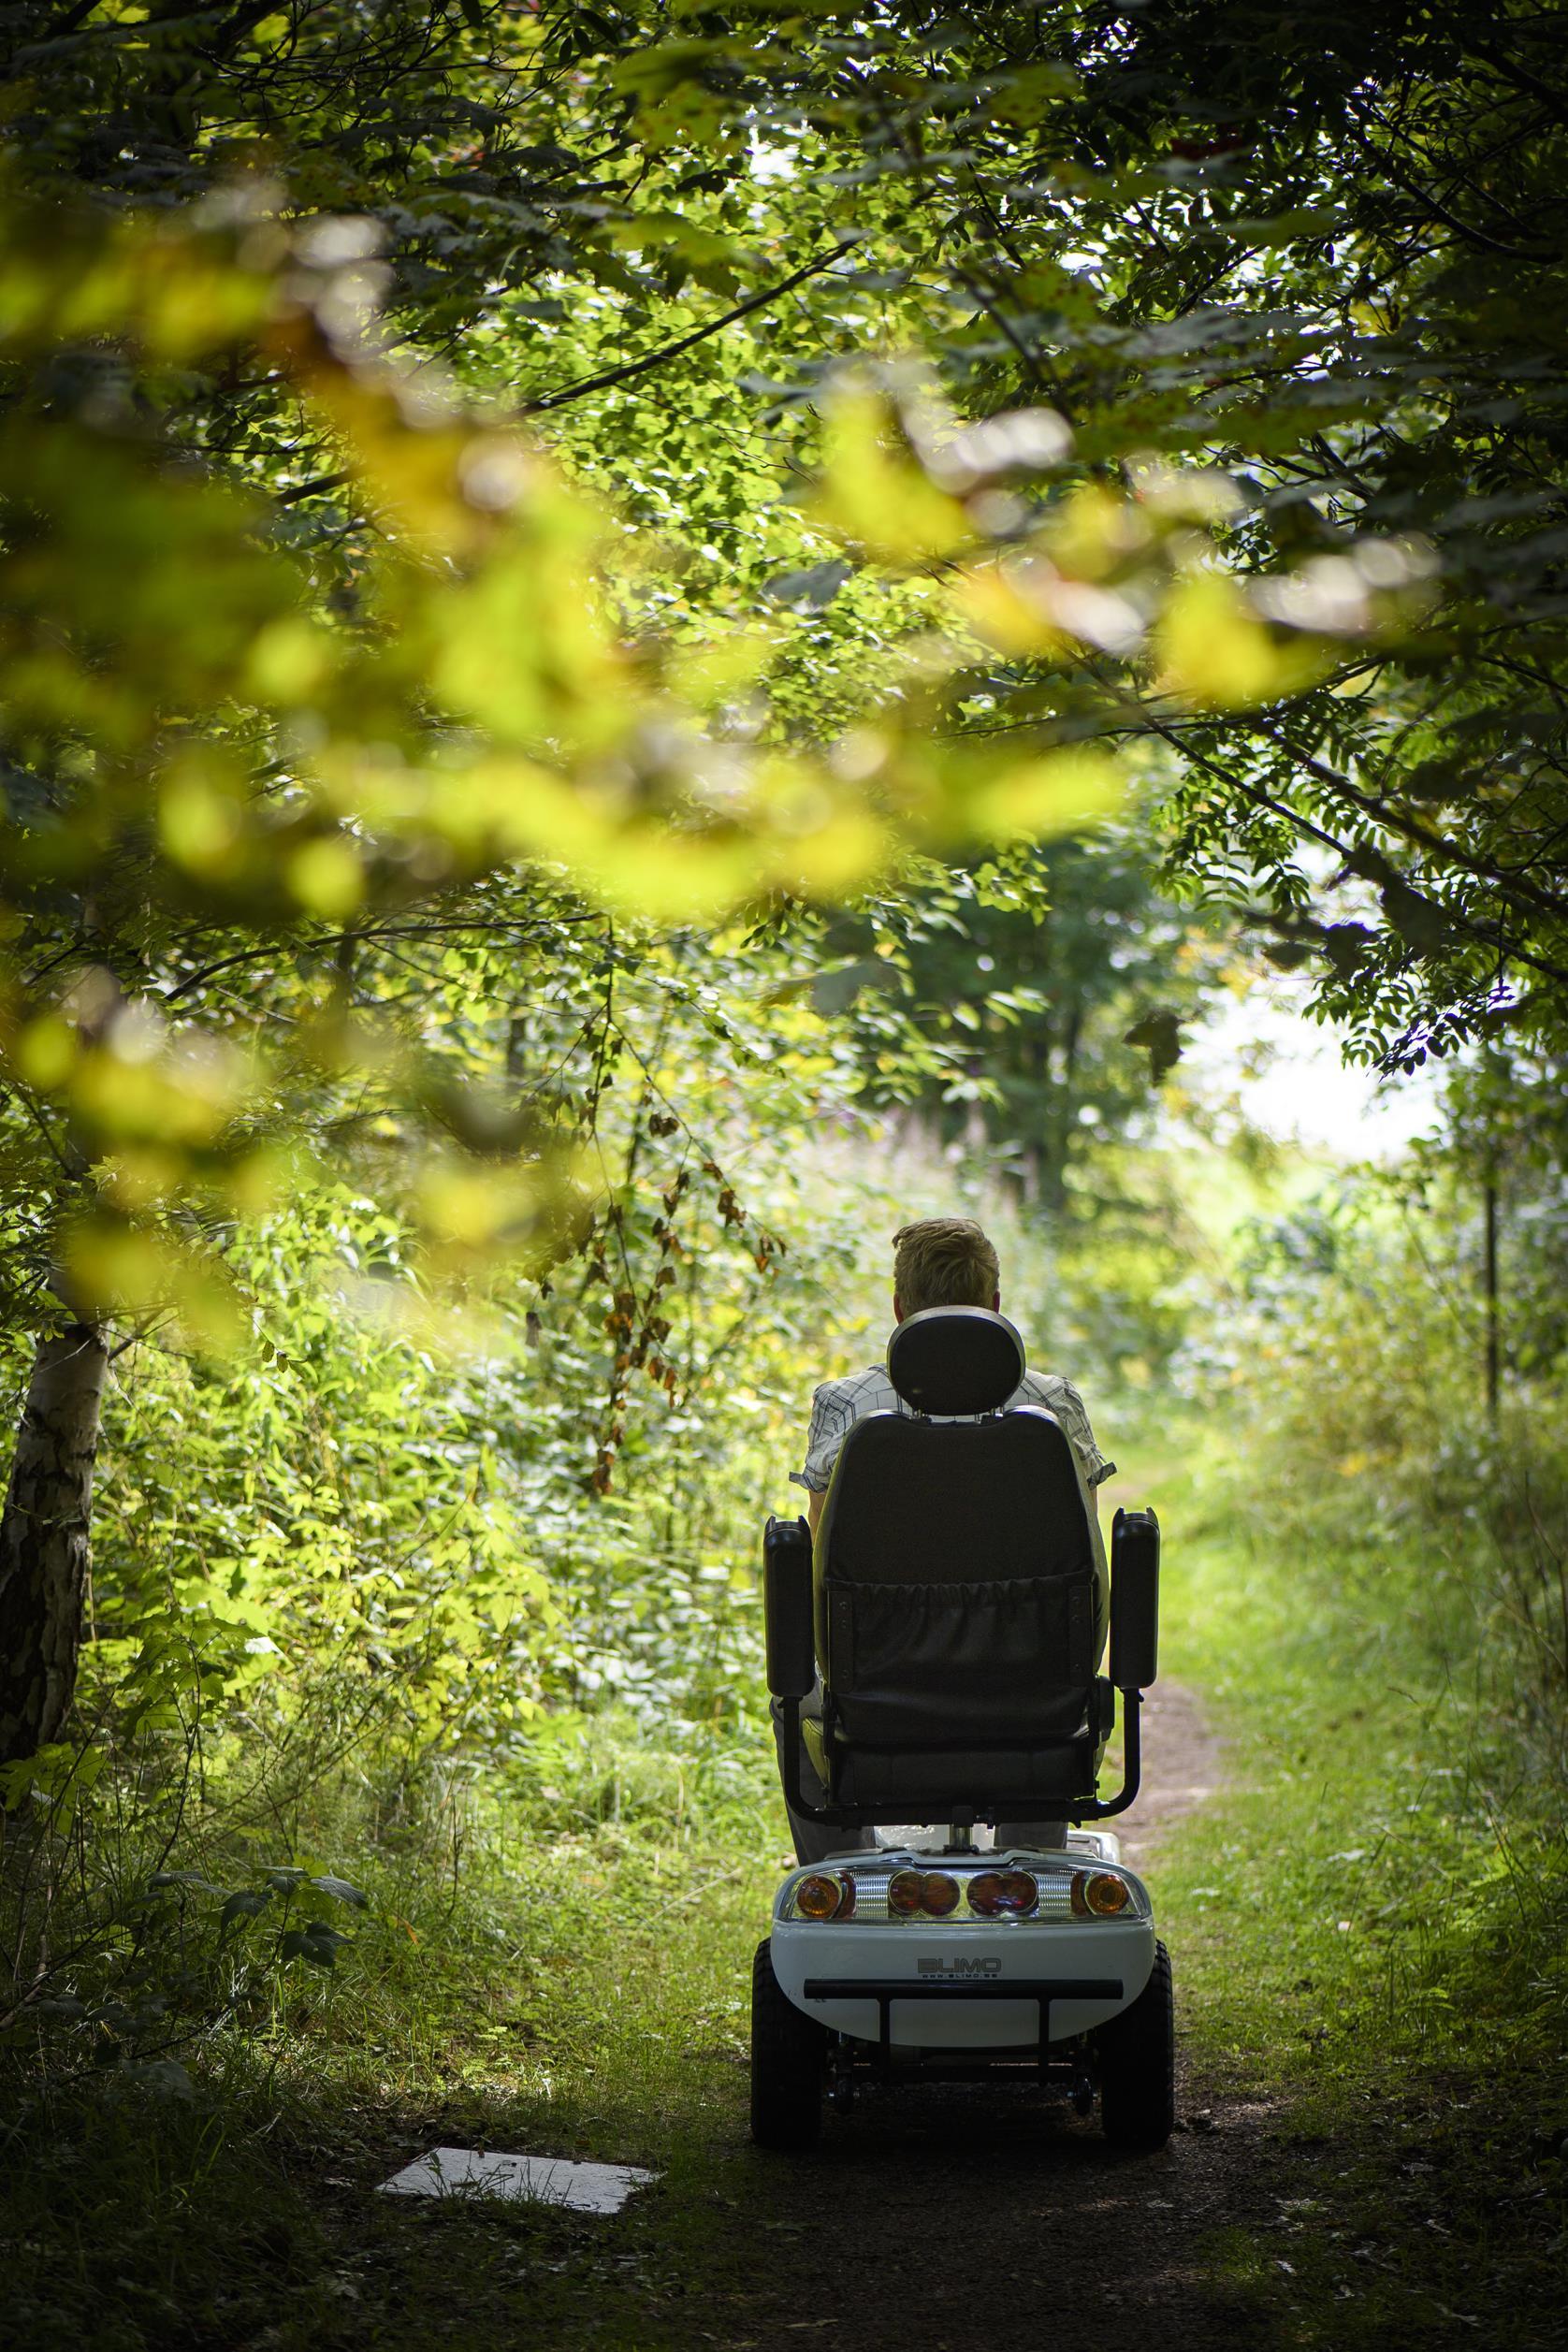 Rullstol på en stig